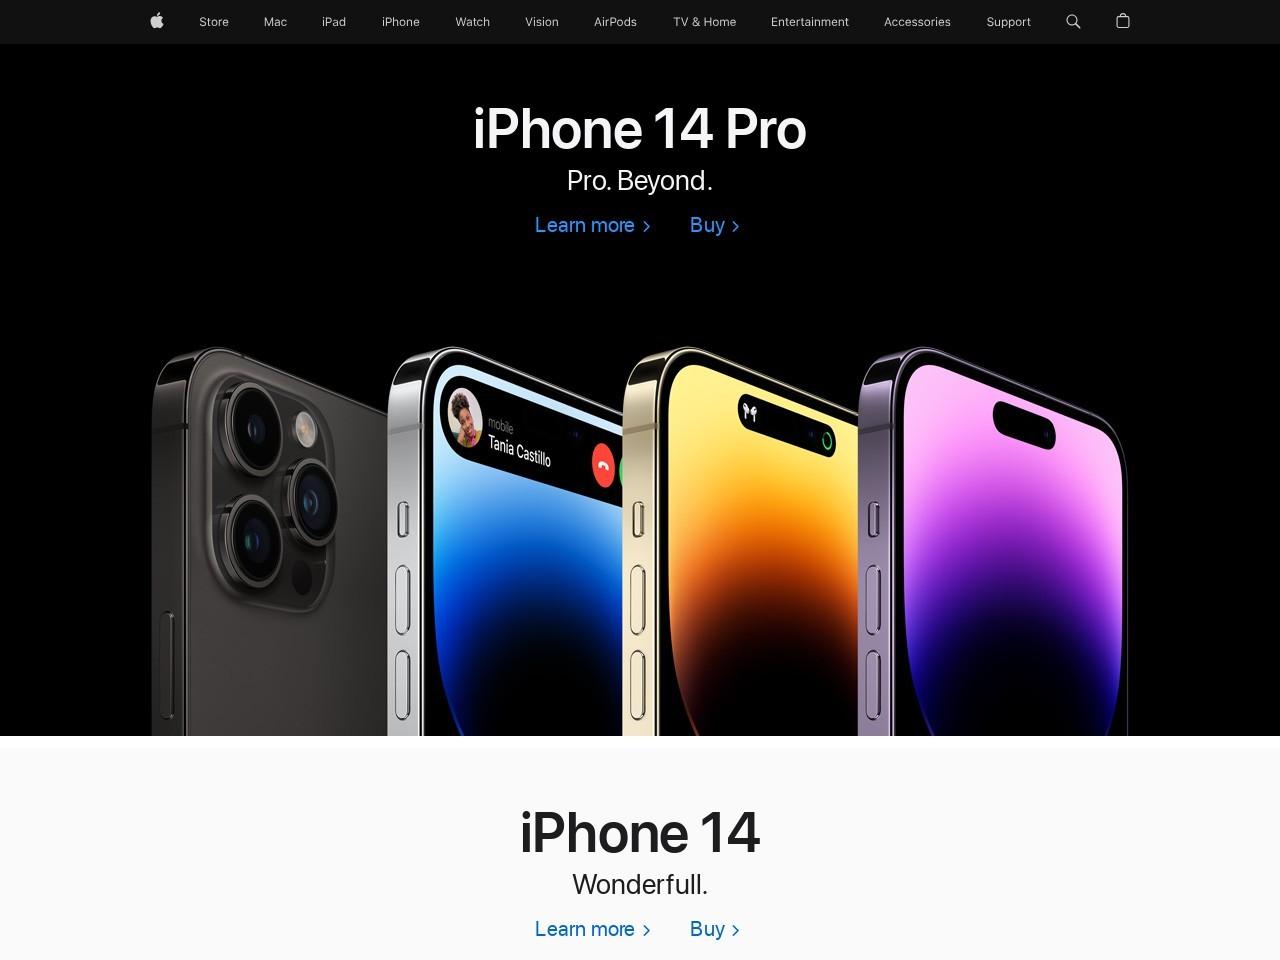 https://www.apple.com/apple-events/september-2017/